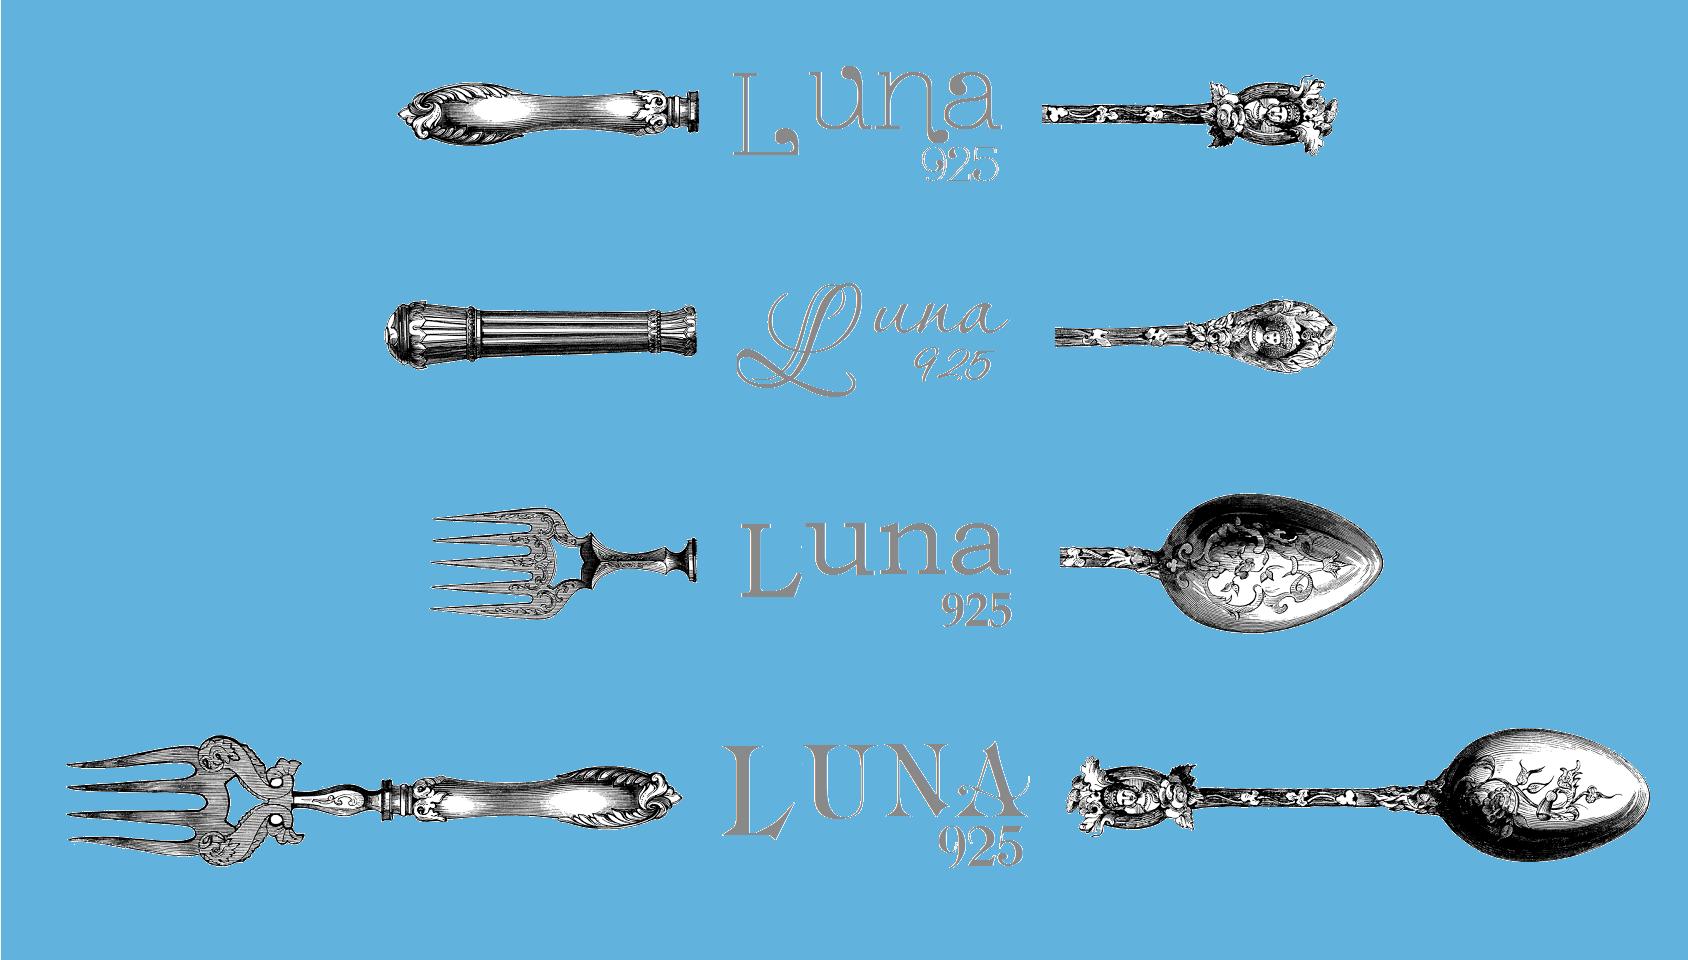 Логотип для столового серебра и посуды из серебра фото f_4605bad29e0de261.png